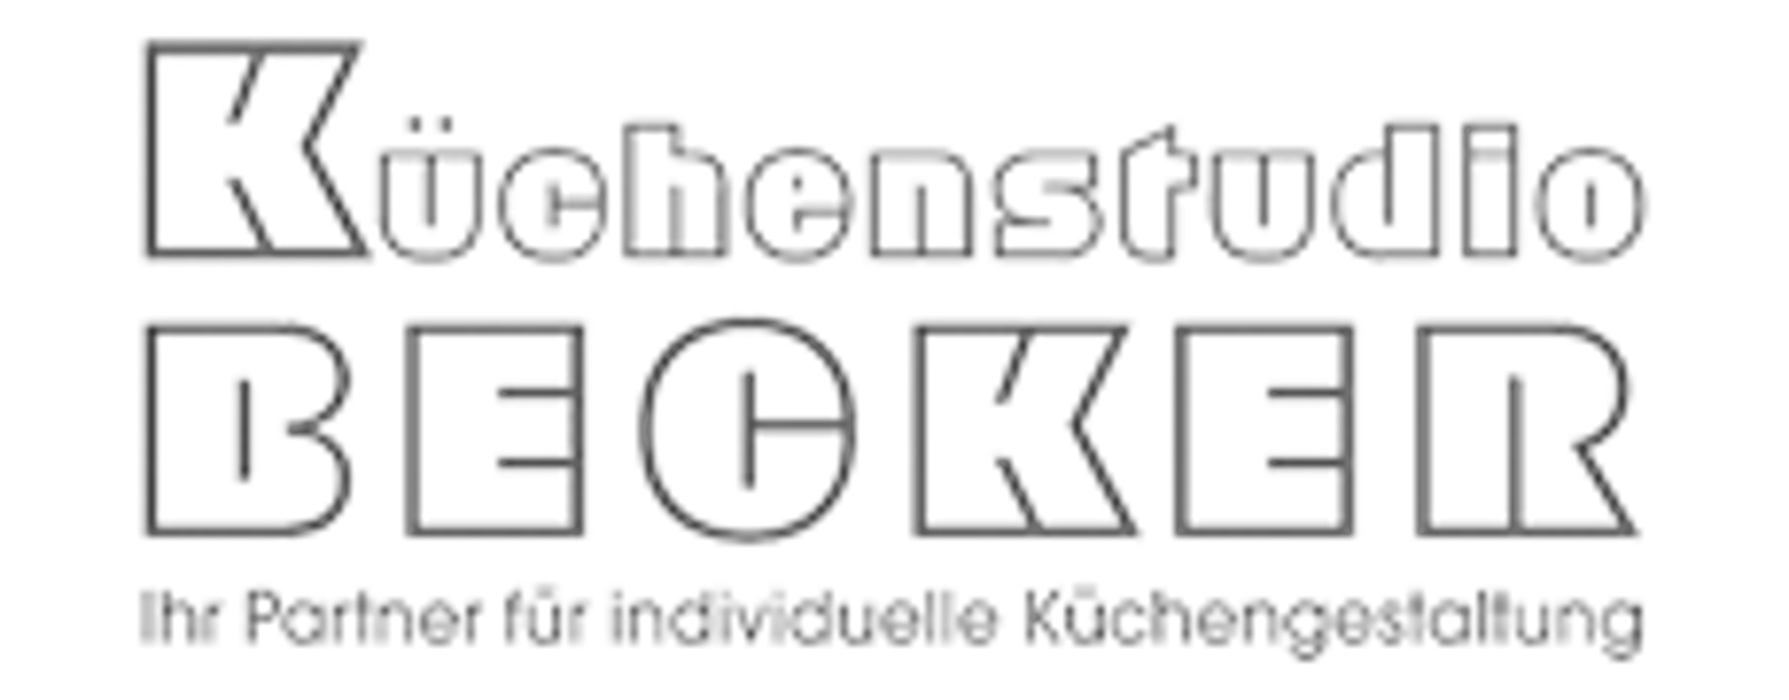 Logo von Küchenstudio Becker Inh. Michael Becker